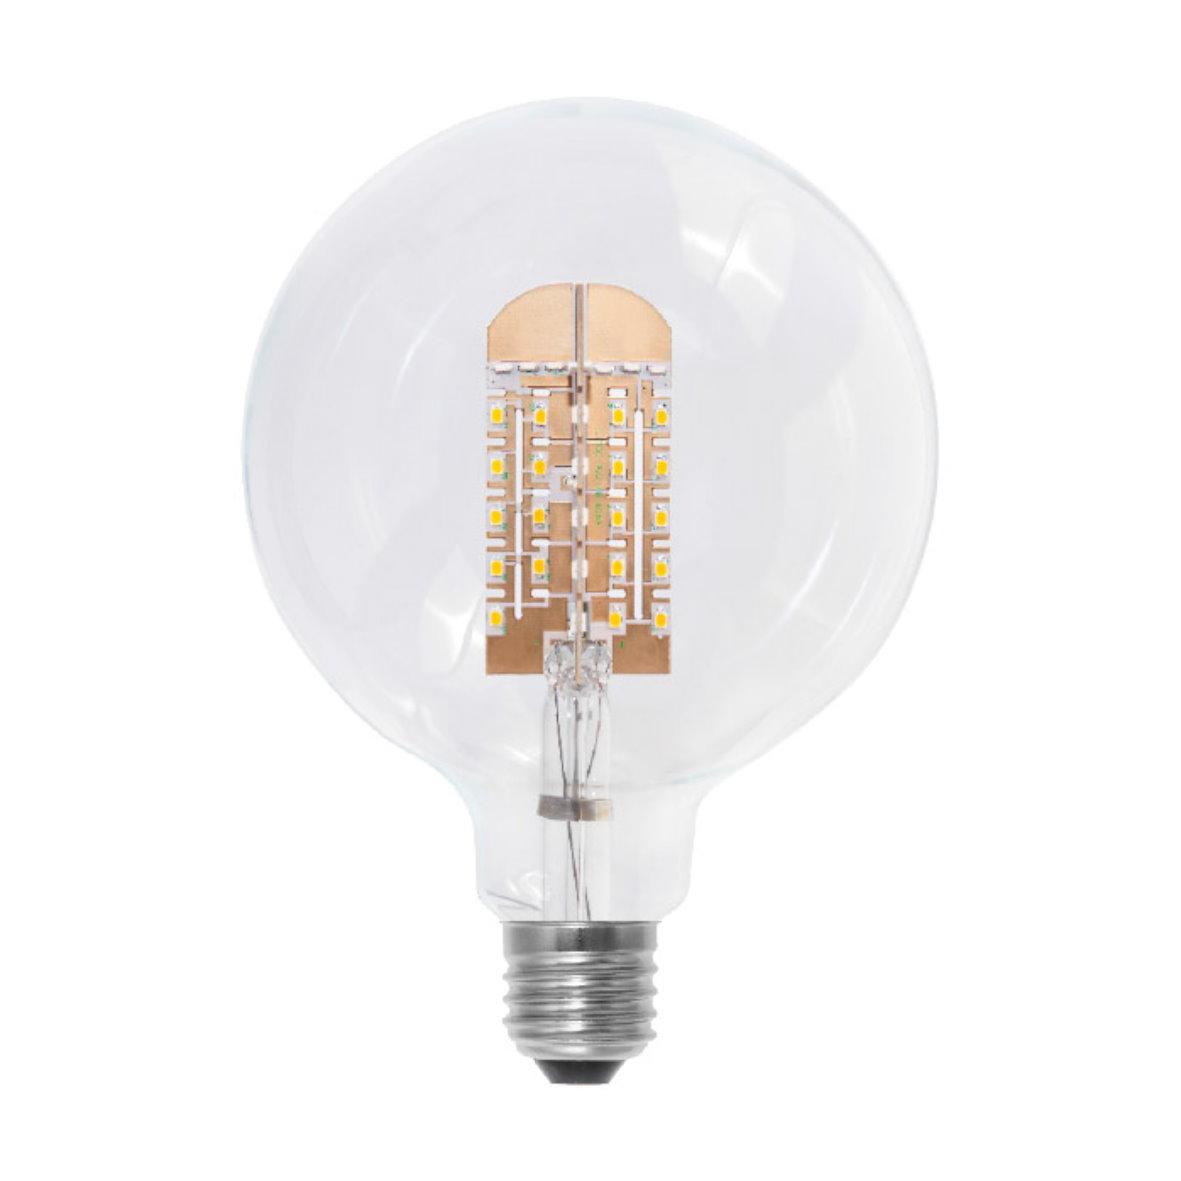 Segula SMD LED Birne Rund E14 E27 Leuchtmittel dimmable ...